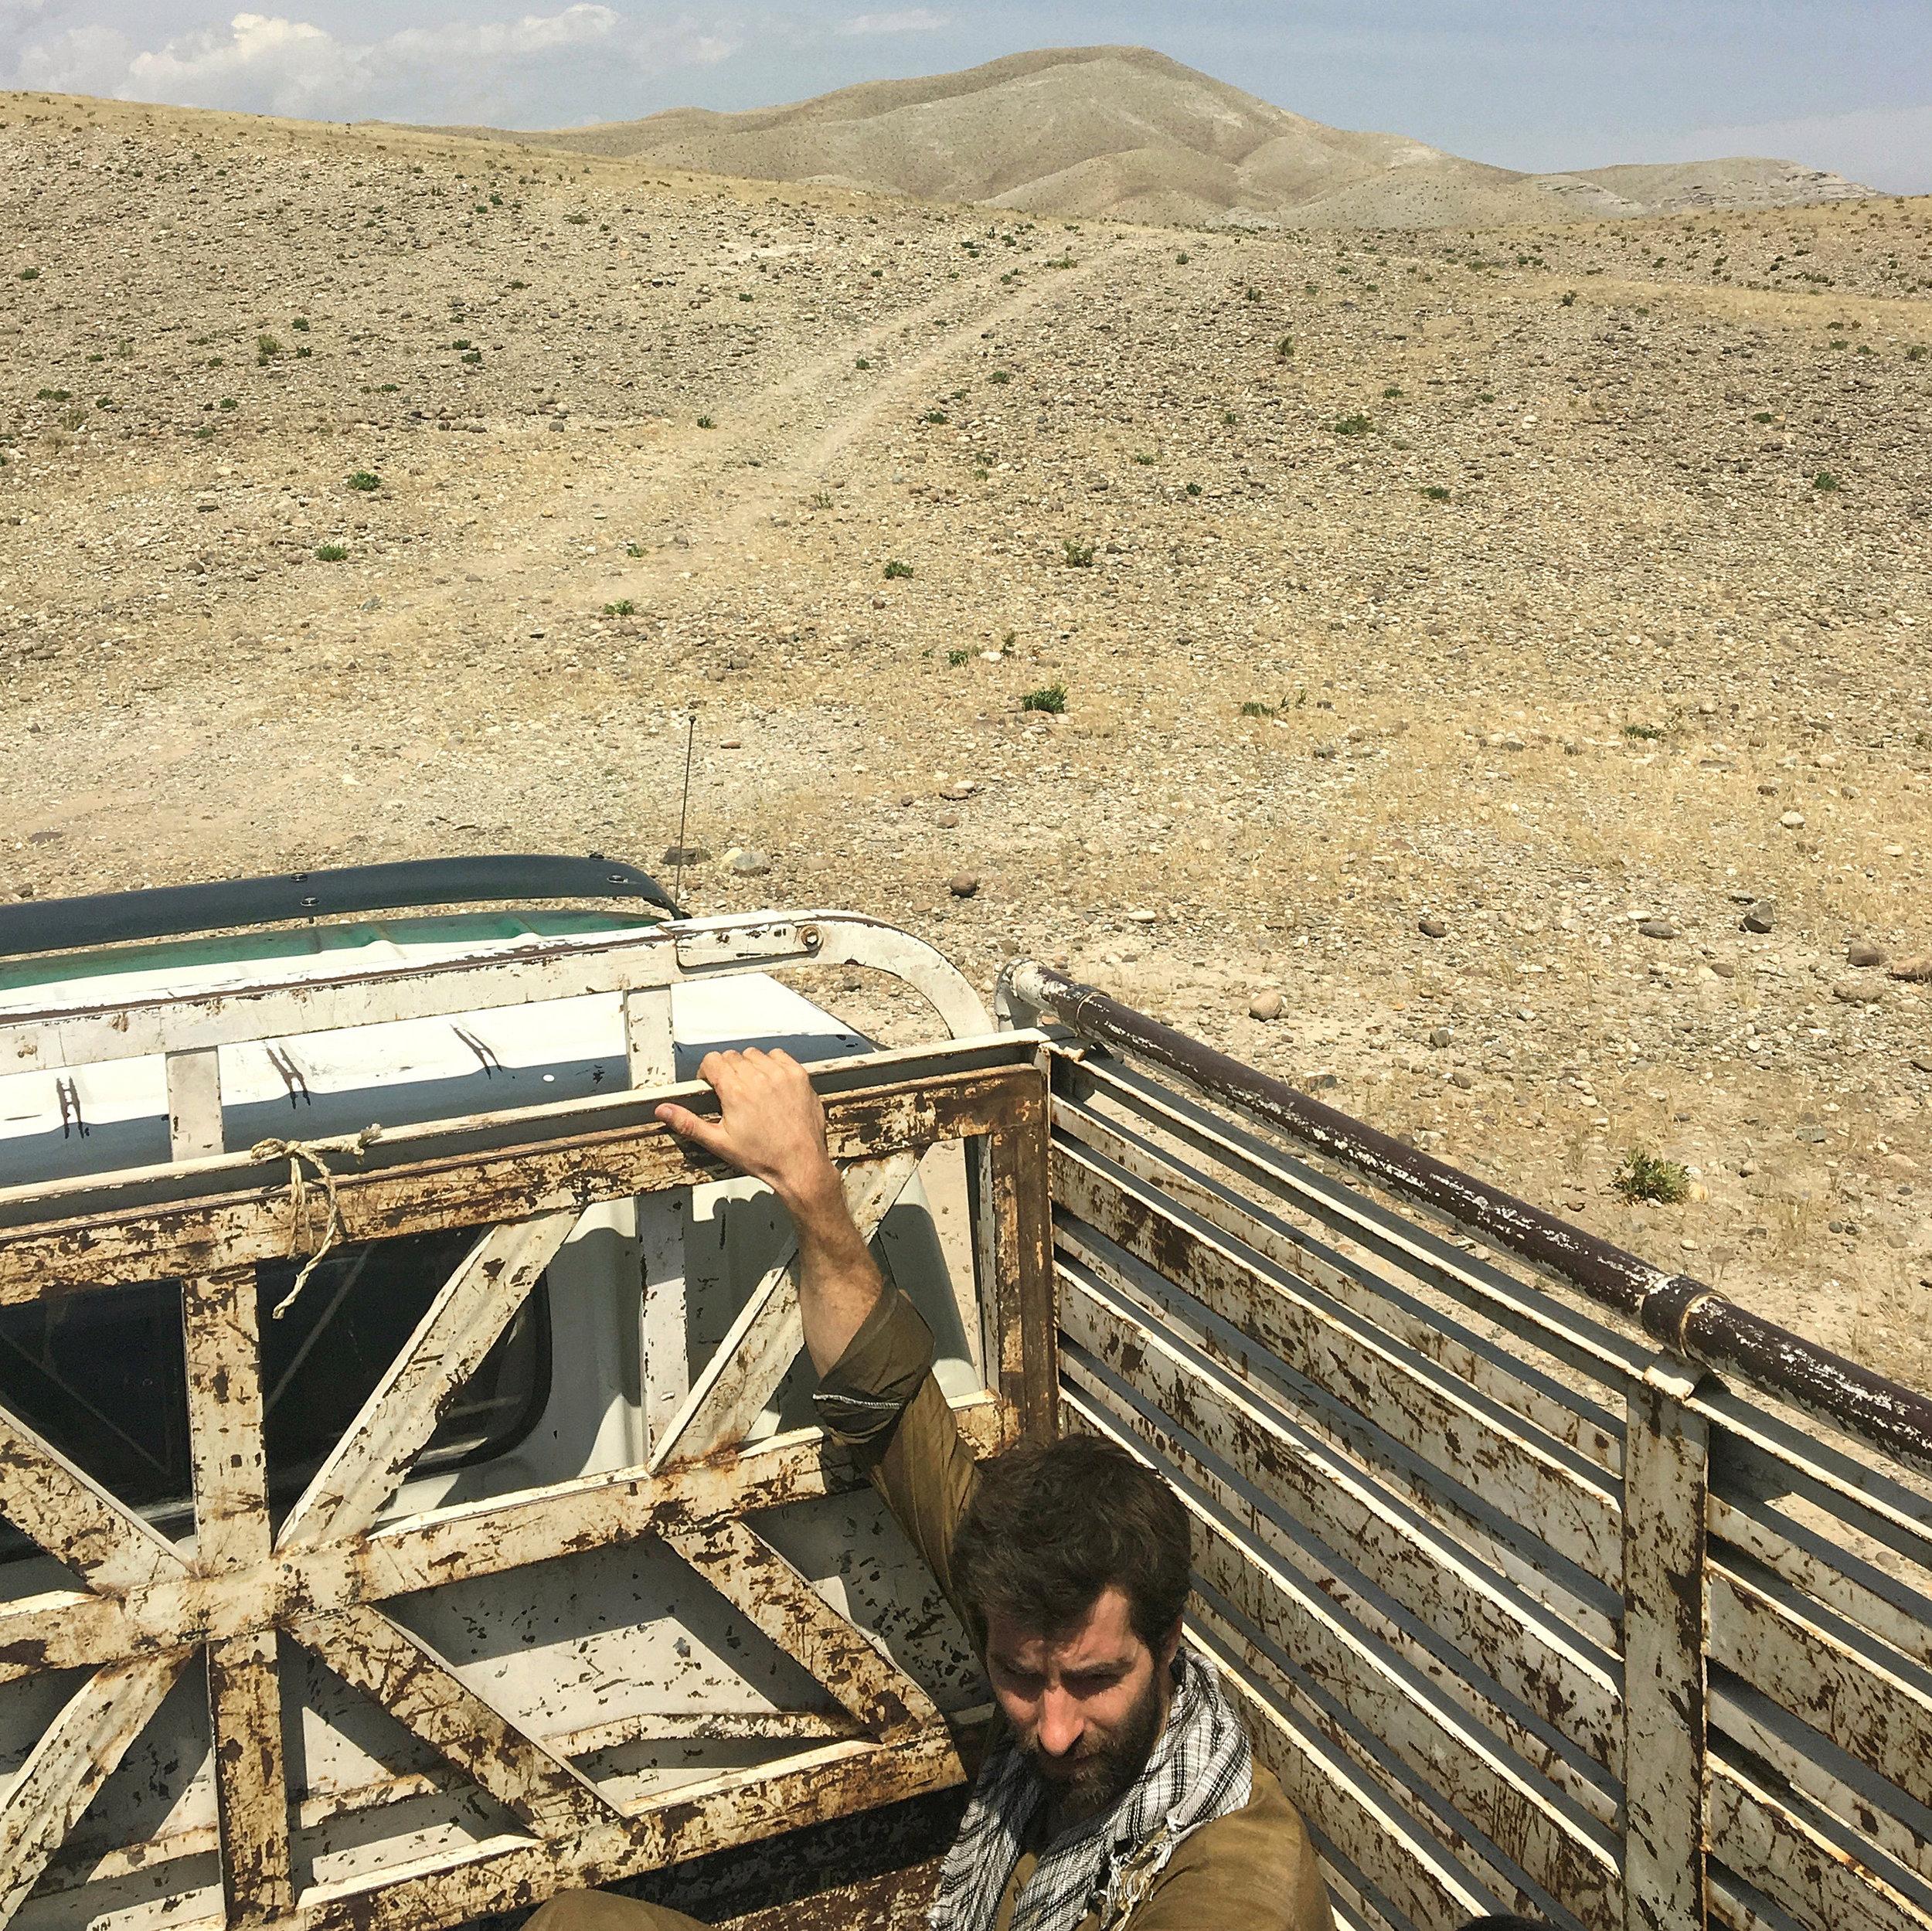 Jirga_BTS_028.jpg